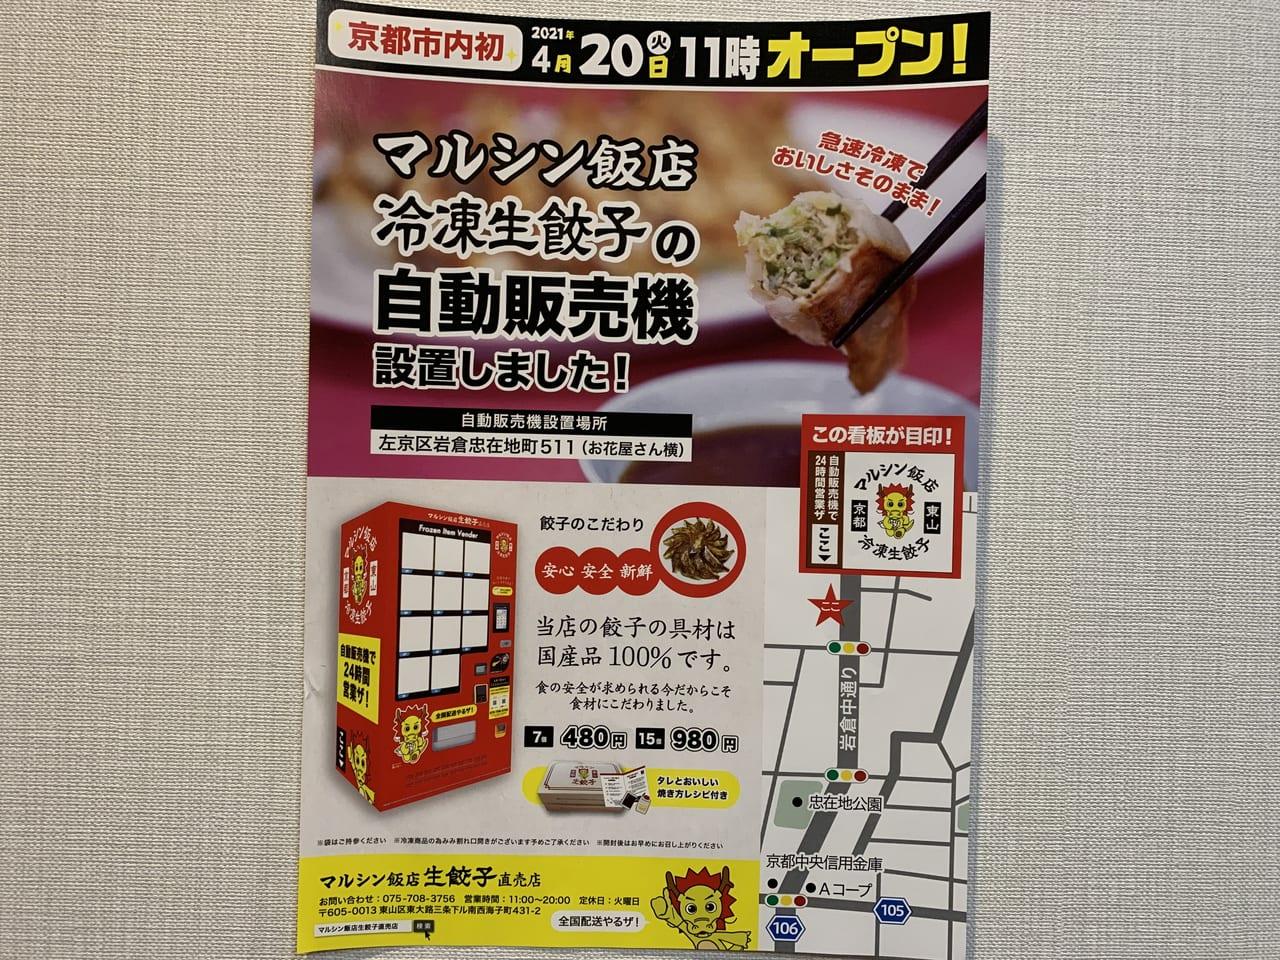 マルシン飯店冷凍餃子の広告